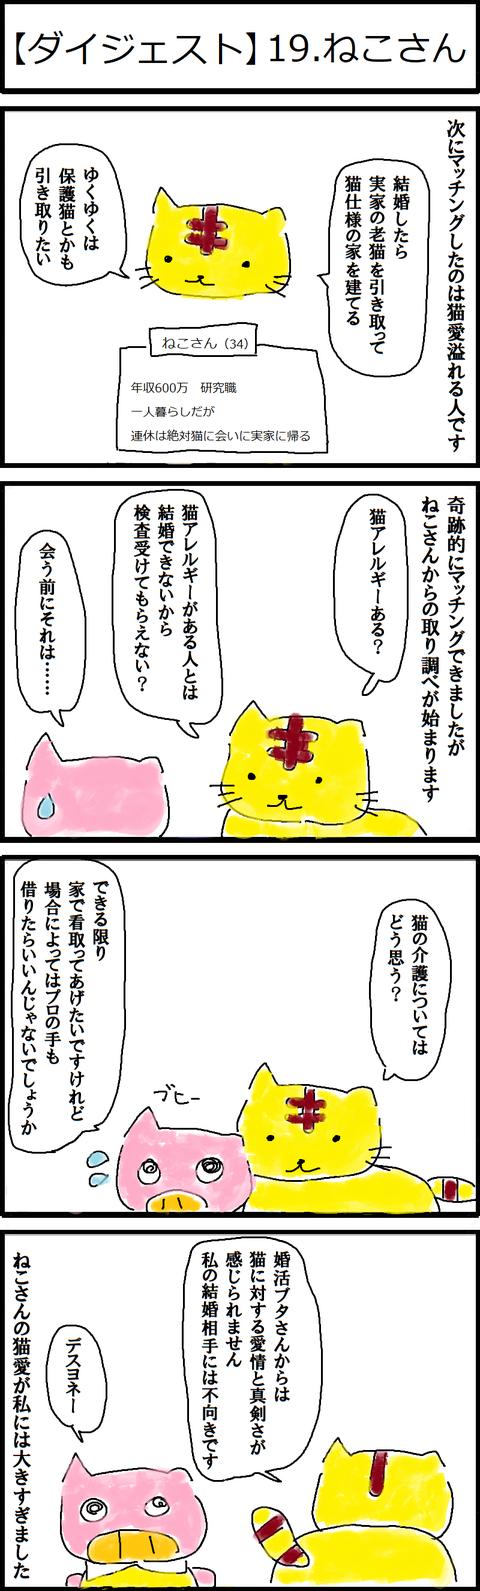 【ダイジェスト】19.ねこさん